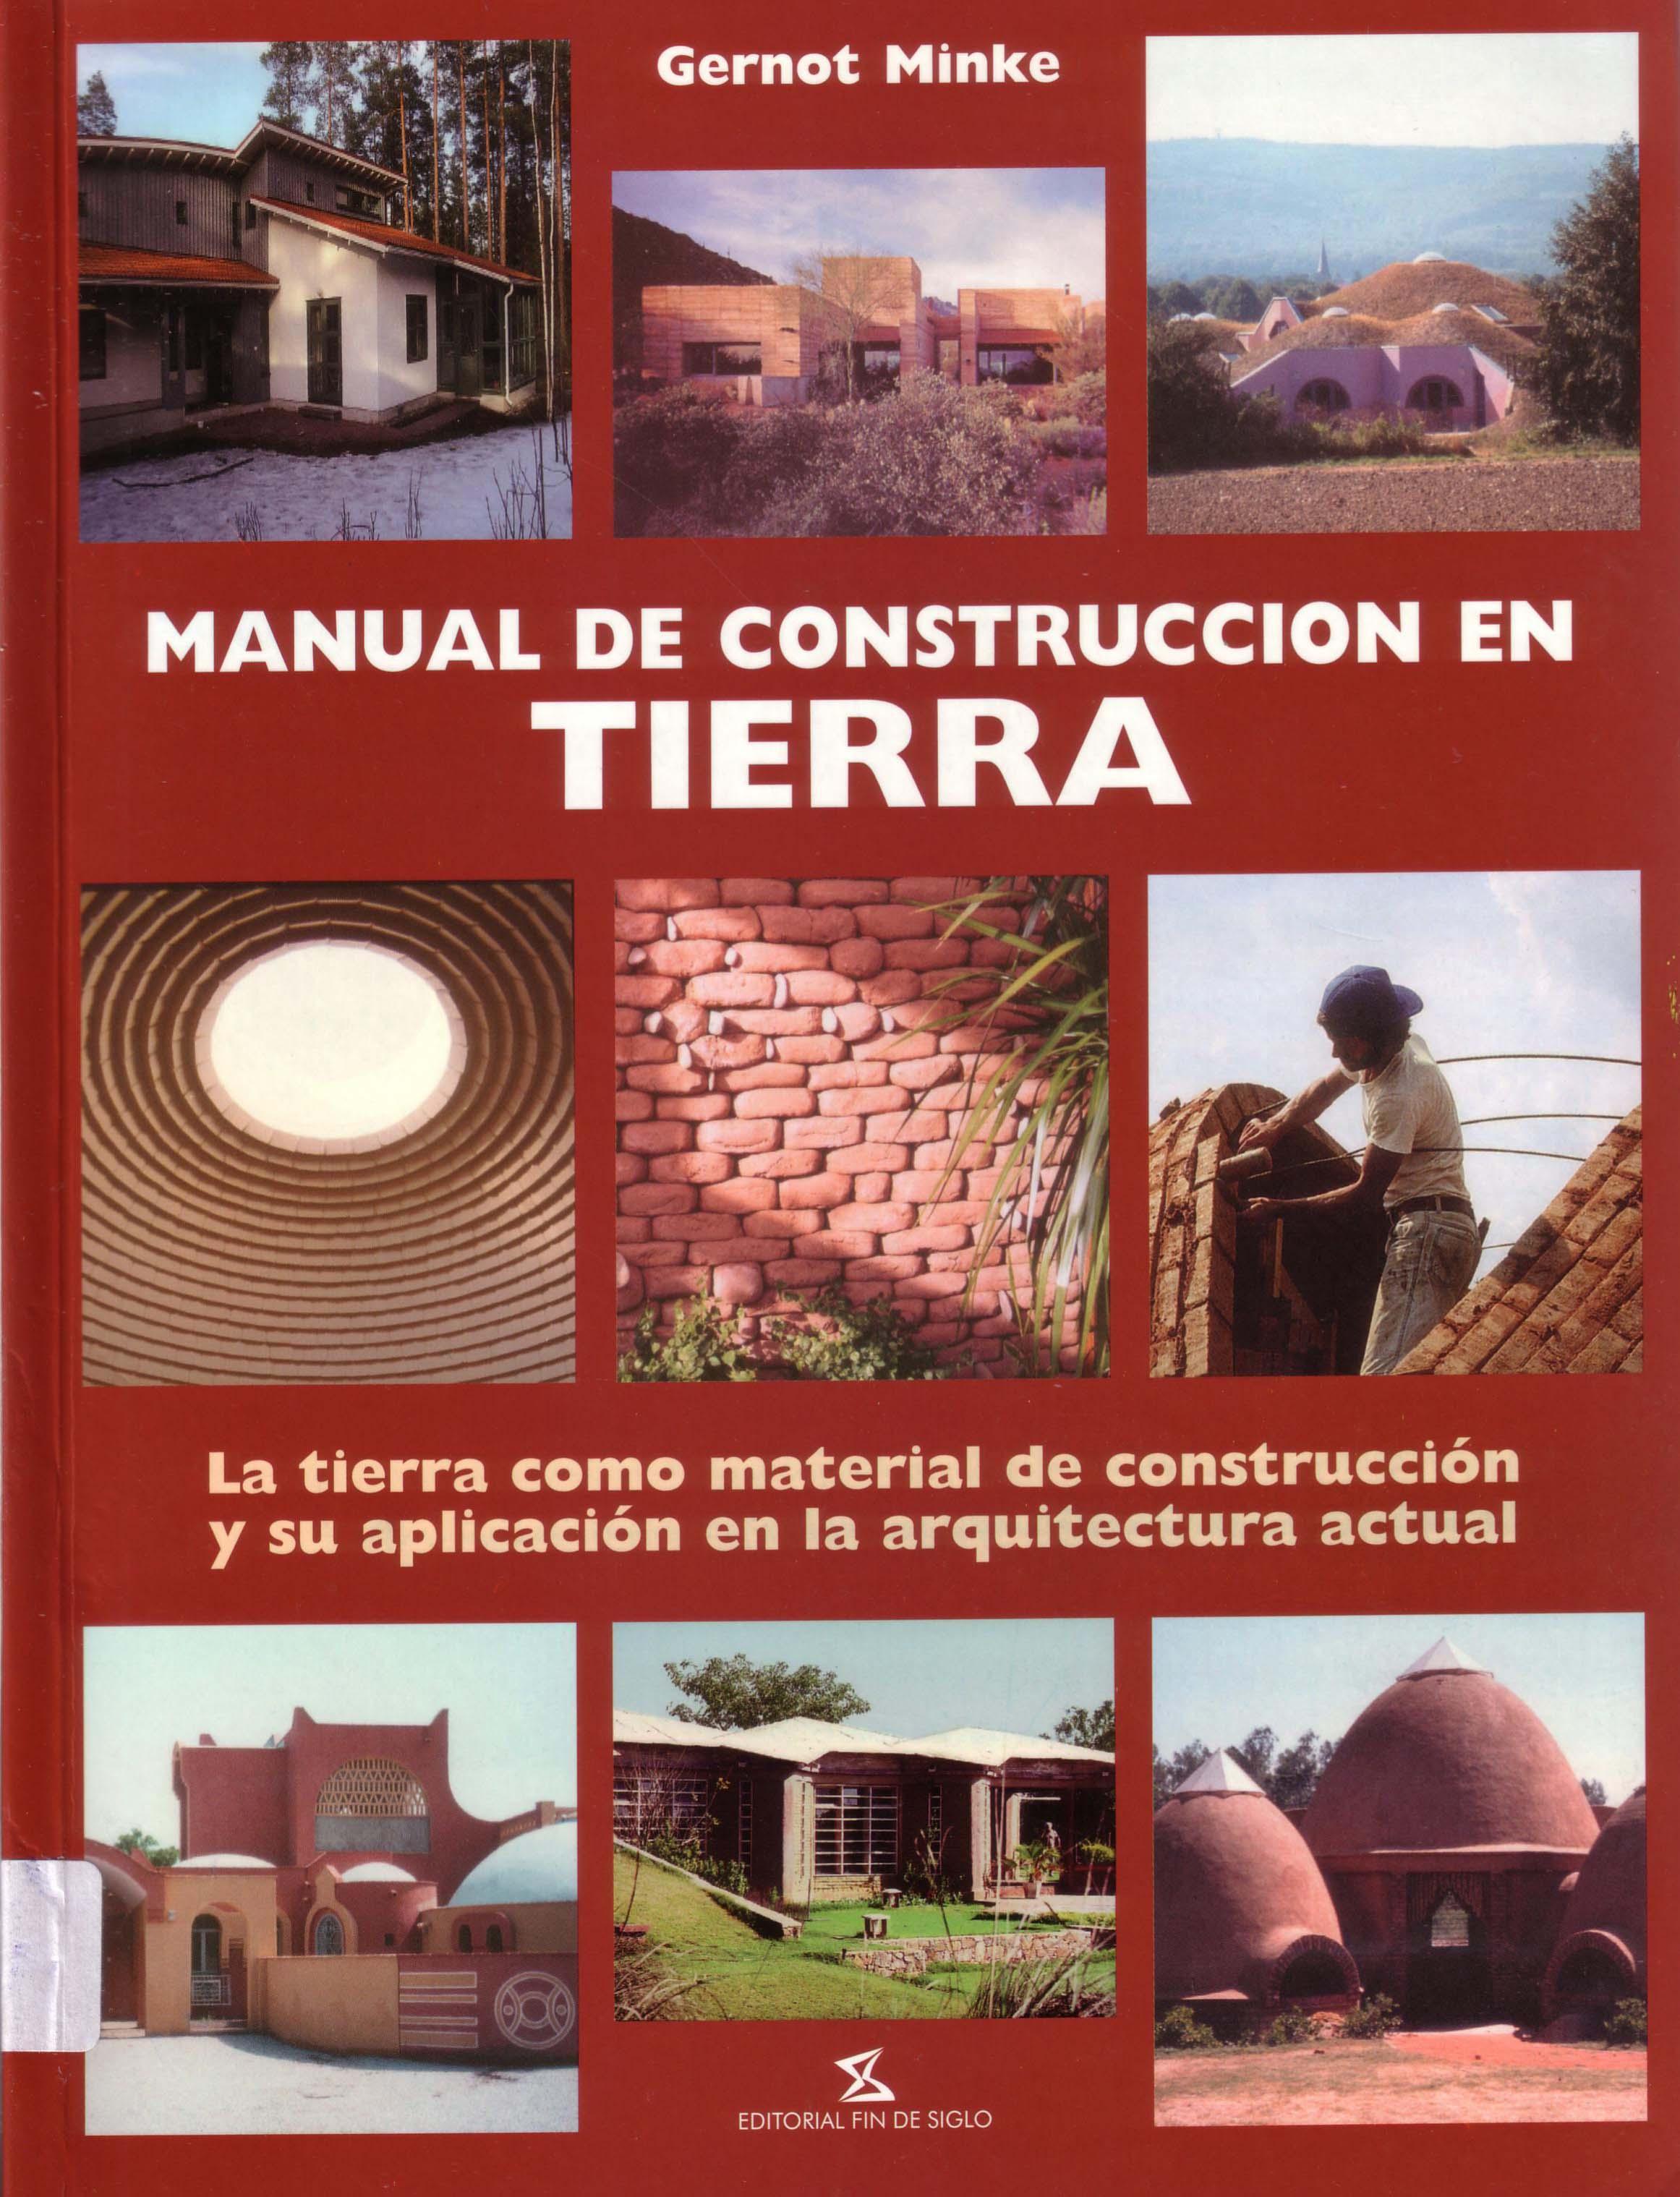 Manual de construccion con tierra construir tv for Manual de construccion